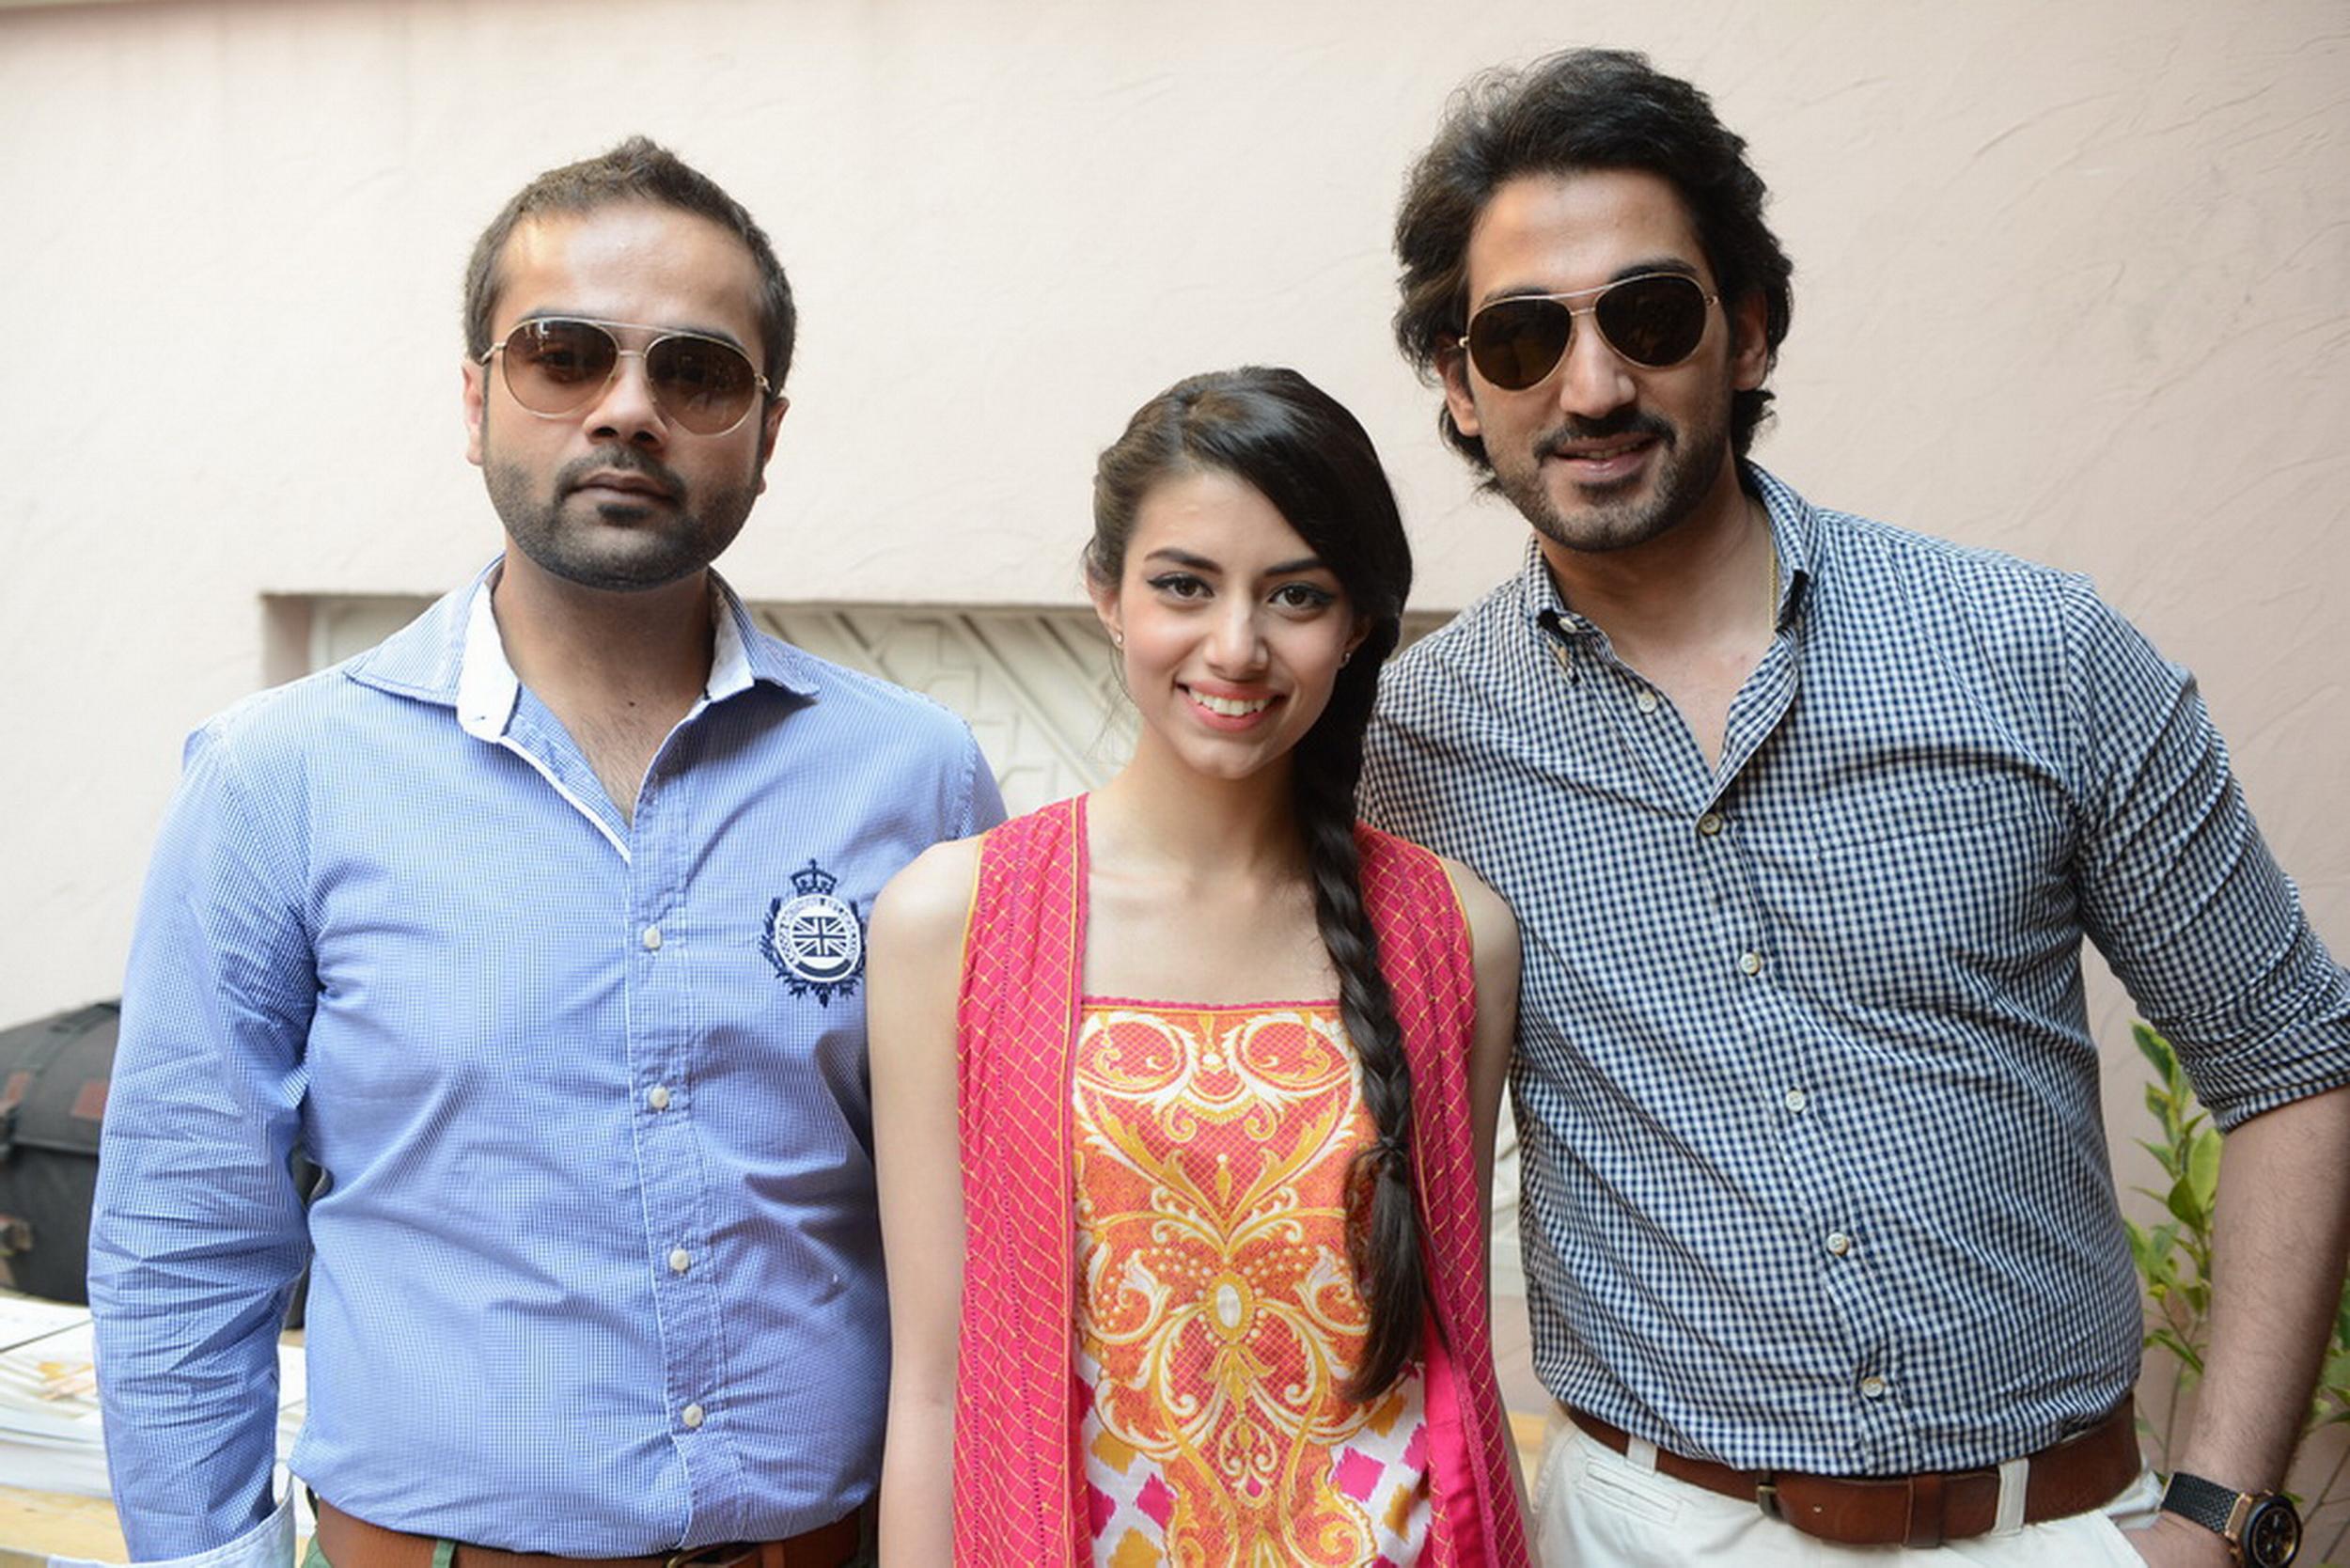 Faraz Manan, Zara Peerzada and Shoaib Shafi